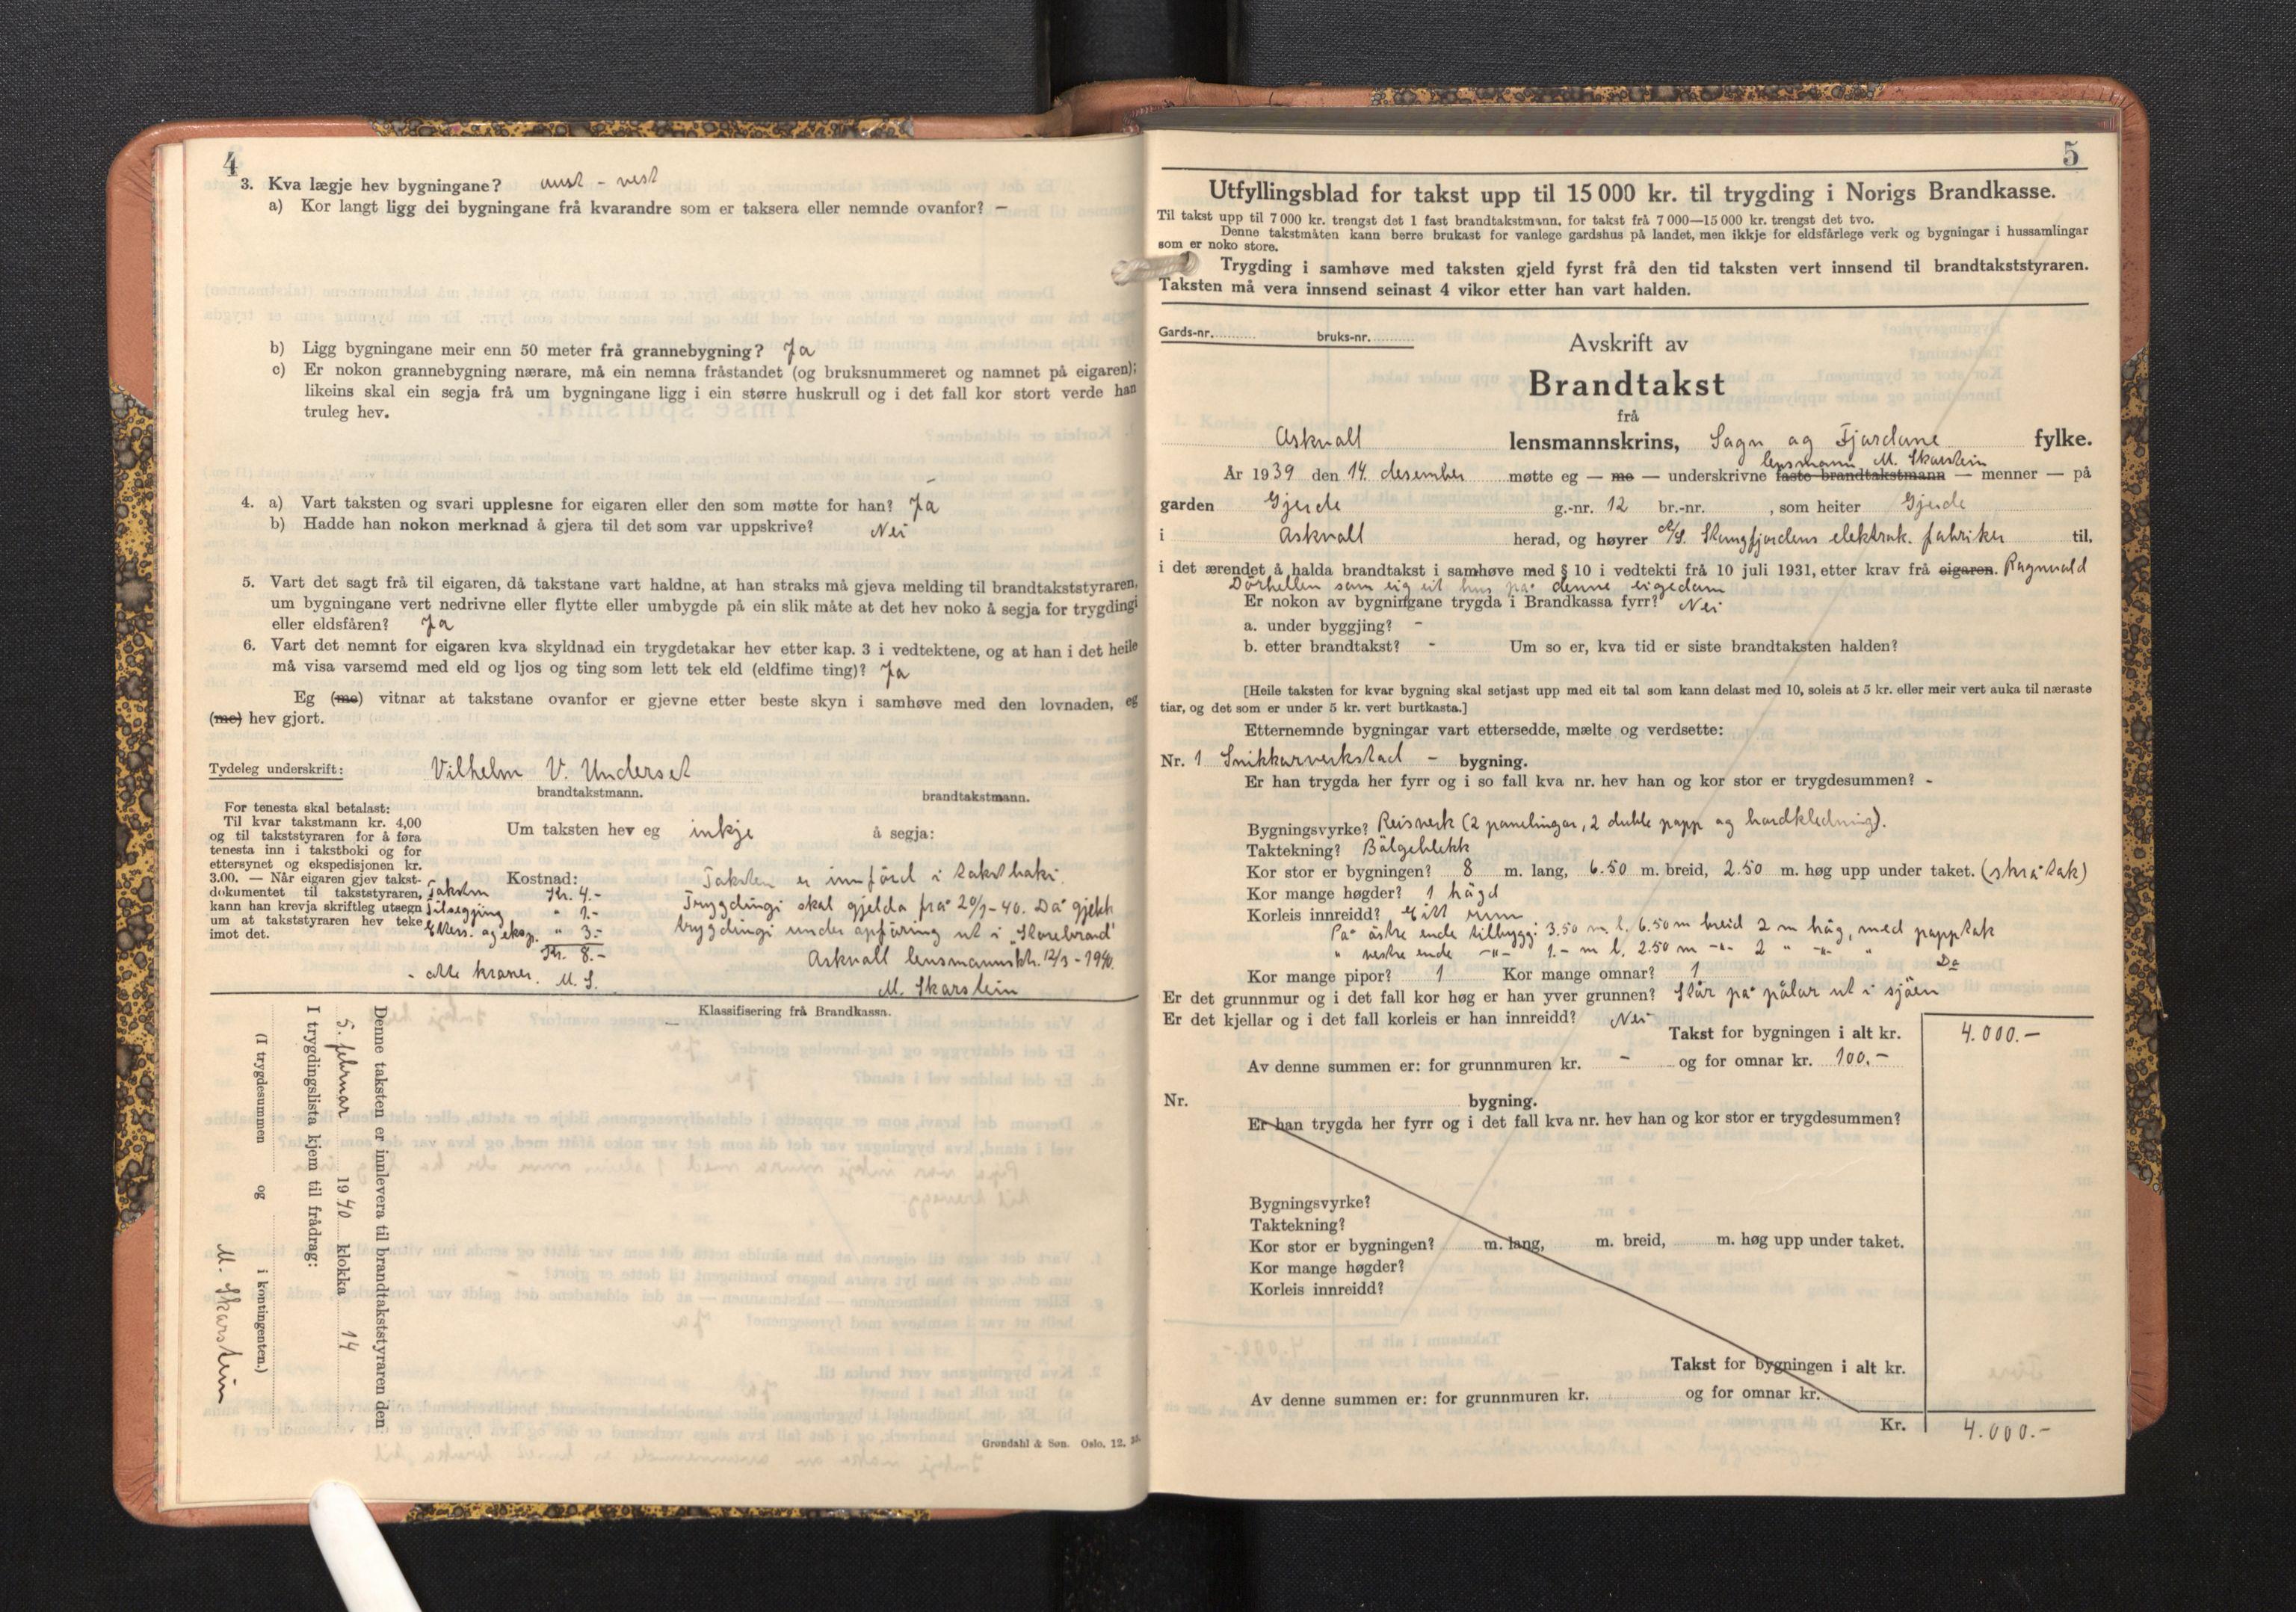 SAB, Lensmannen i Askvoll, 0012/L0005: Branntakstprotokoll, skjematakst, 1940-1949, s. 4-5